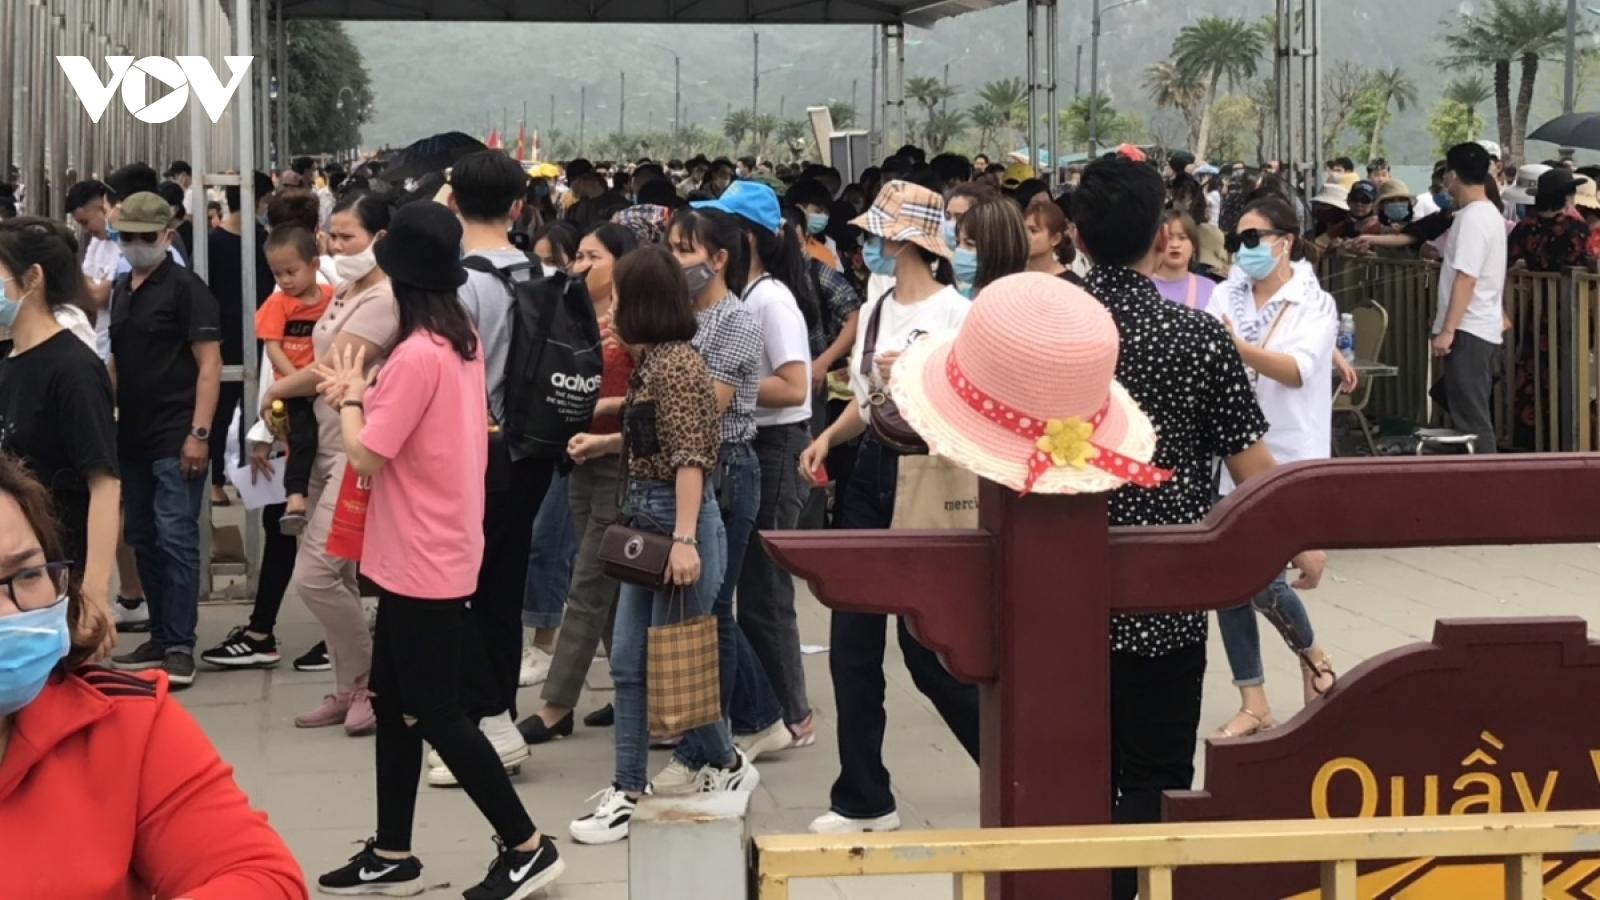 Bộ Văn hoá ra văn bản nhắc nhở sau hiện tượng quá tải ở chùa Tam Chúc